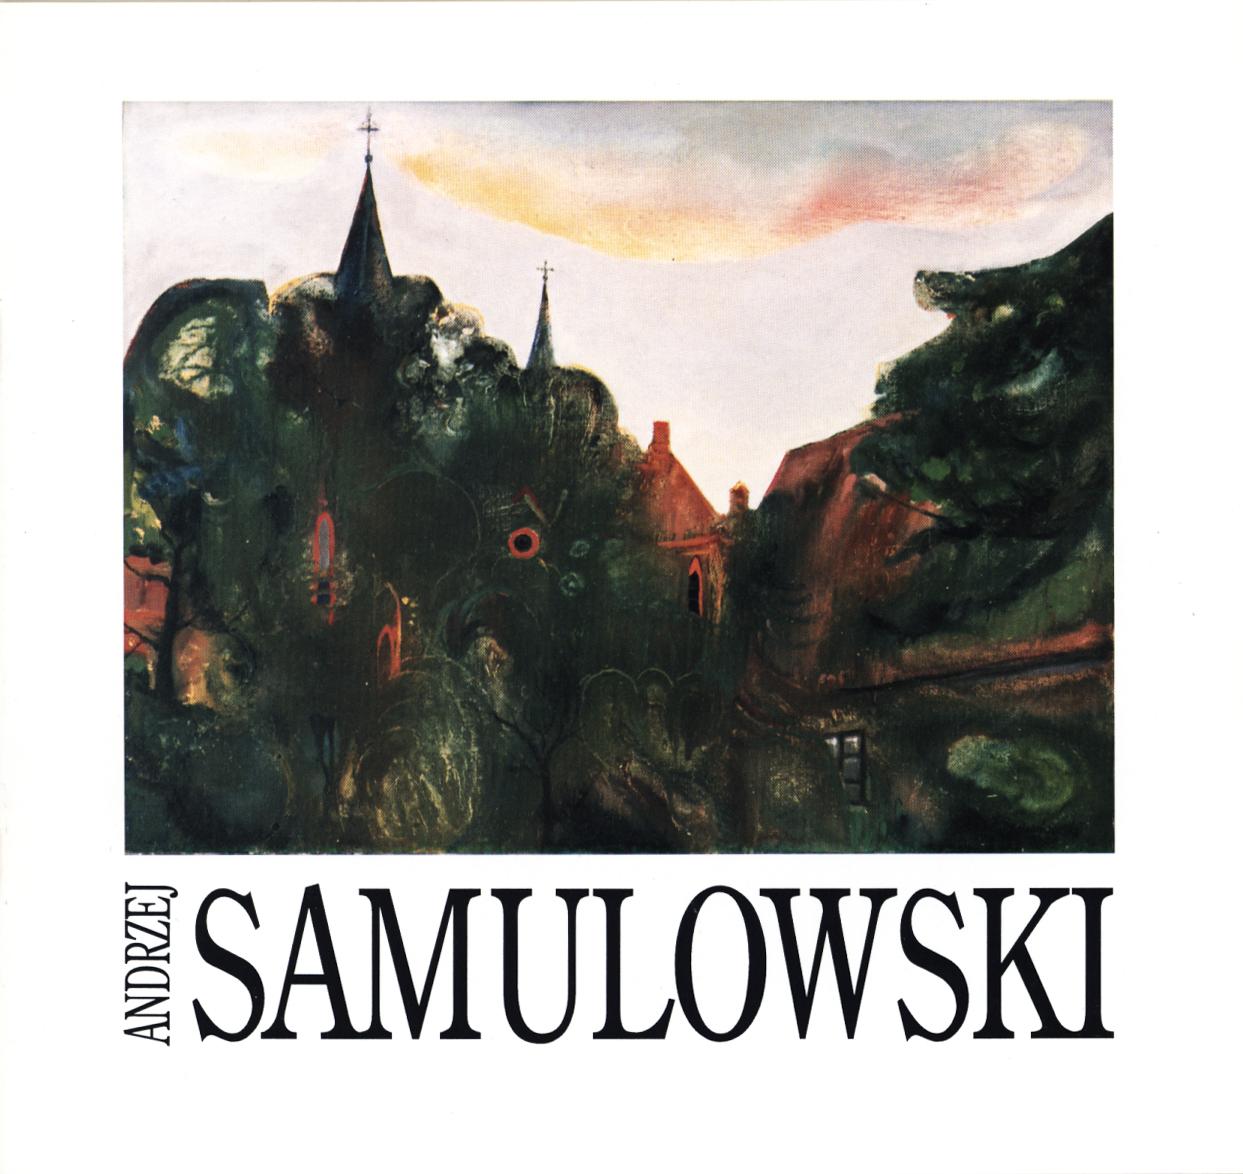 https://m.wmwm.pl/2016/02/orig/andrzrj-samulowski-z-okazji-40-lecia-pracy-tworczej-5014.jpg